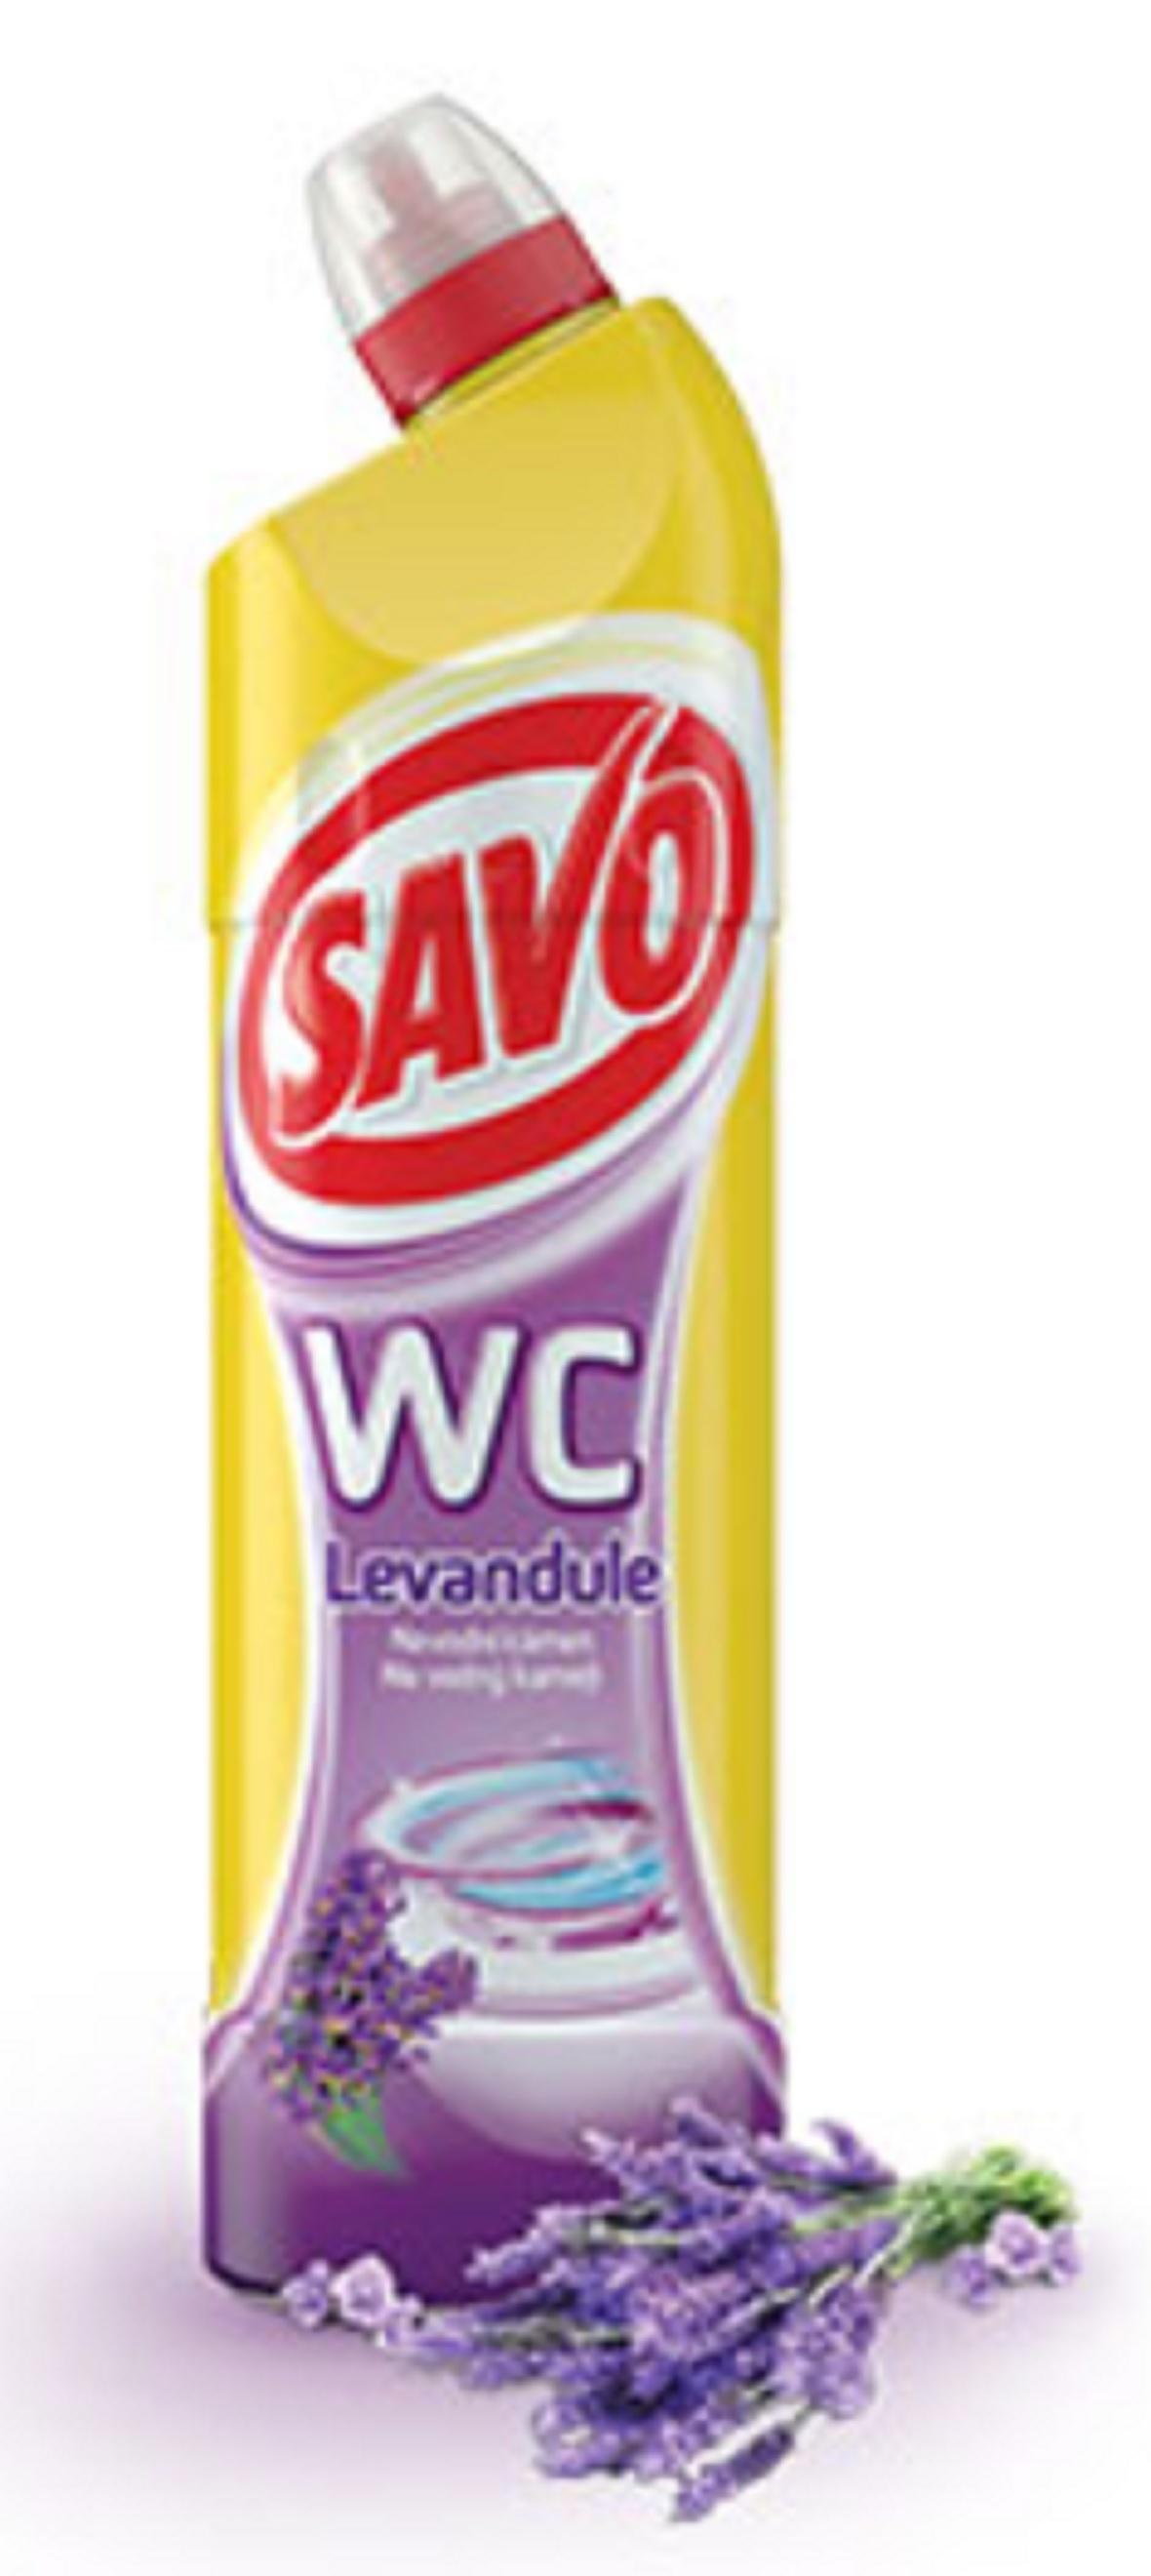 Fotografie Savo Levandule WC gel čisticí přípravek na toalety 750 ml